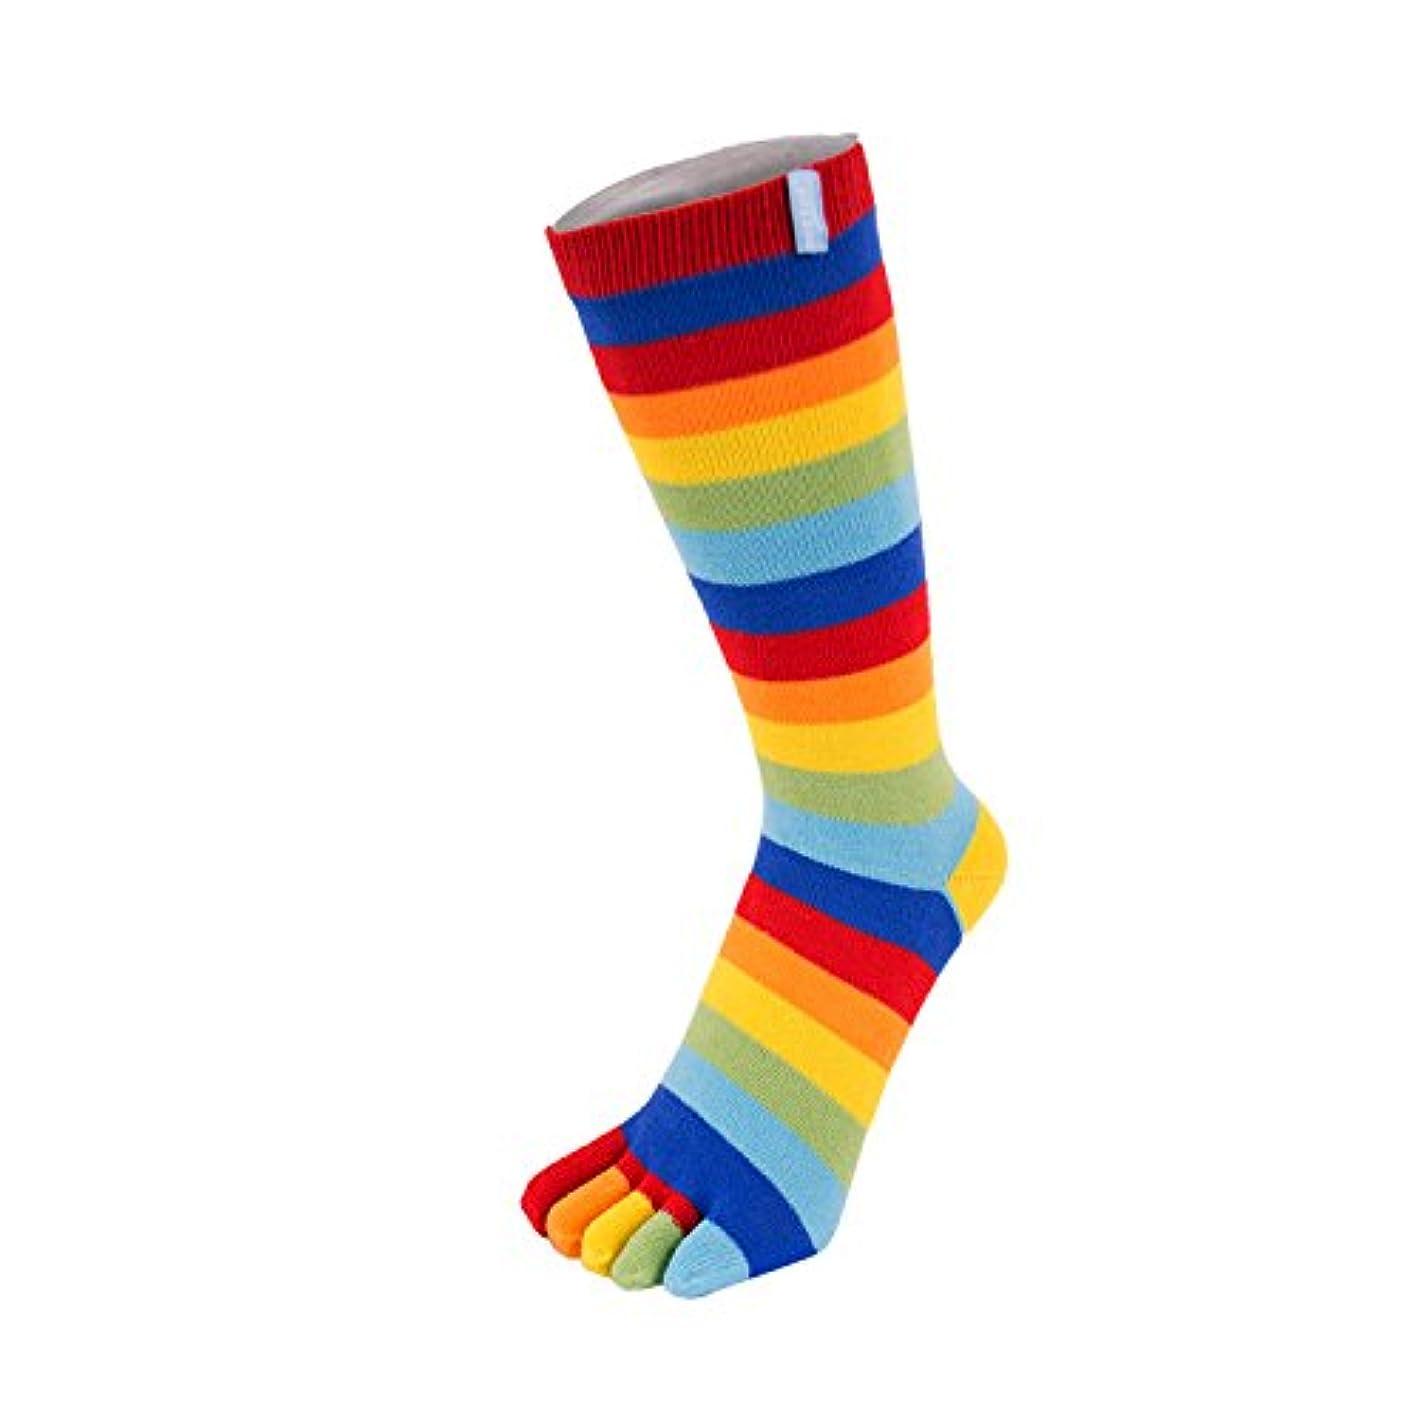 連邦比率料理TOETOE - ESSENTIAL - Mid-Calf Stripy Toe Socks (UK 4-11 | EU 36-46, Rainbow)